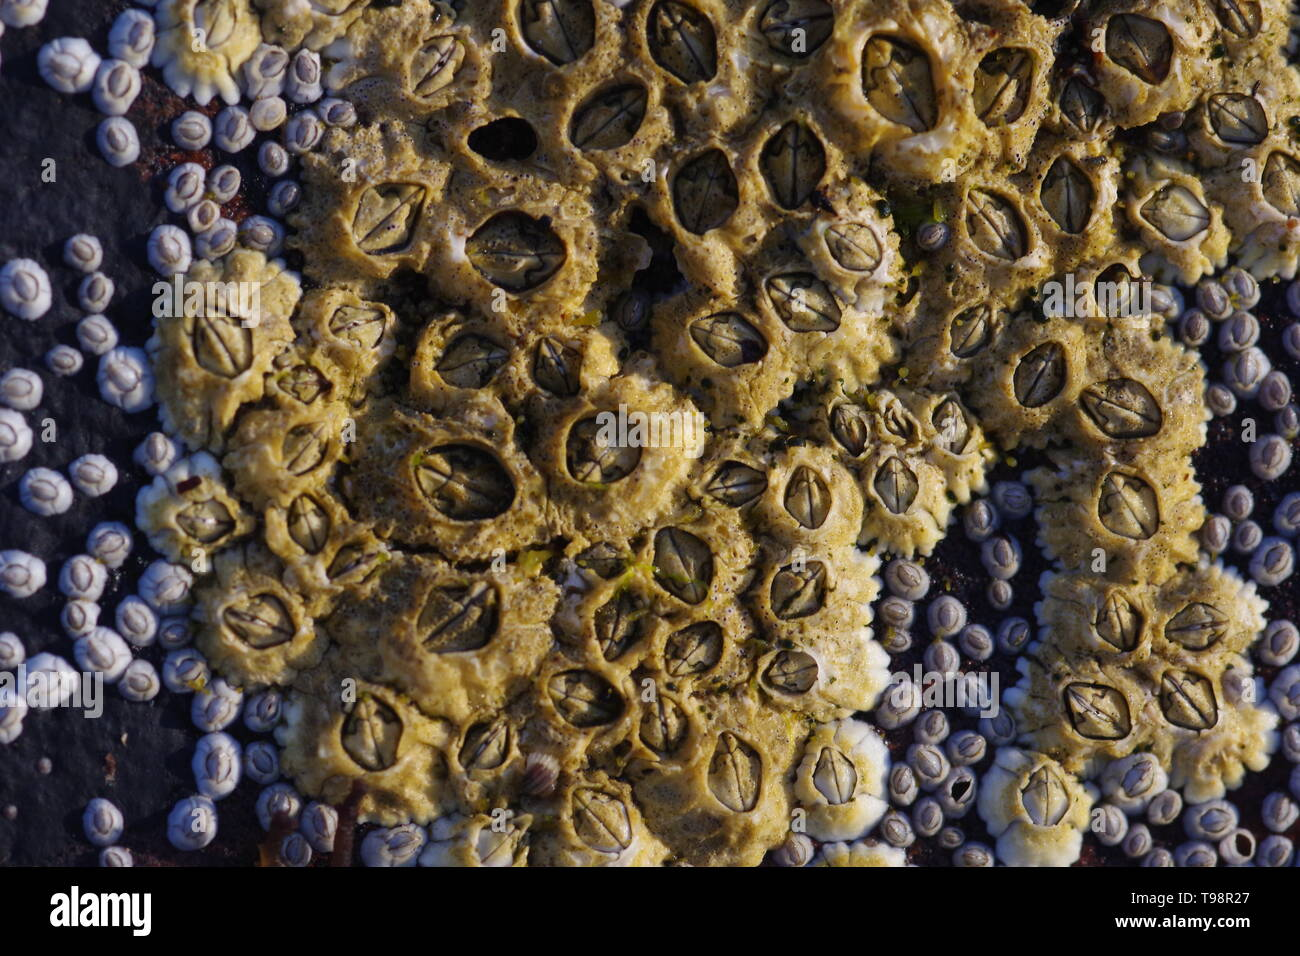 Acorn Barnacles (Semibalanus balanoides), auf der felsigen Küste bei Crail Fife, Schottland, Großbritannien. Stockfoto